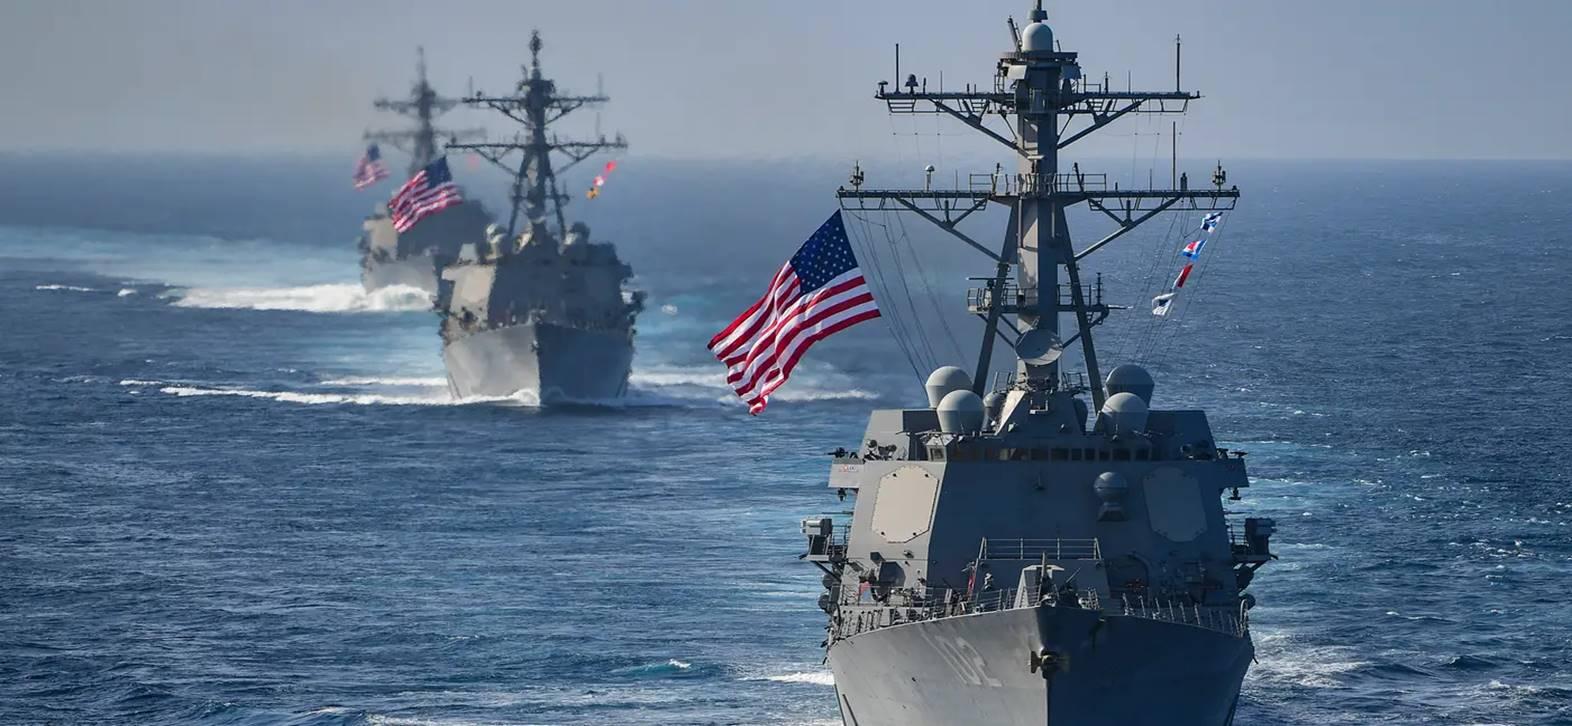 ארצות הברית הגדילה את מעורבותה בסכסוך המתנהל בים סין הדרומי